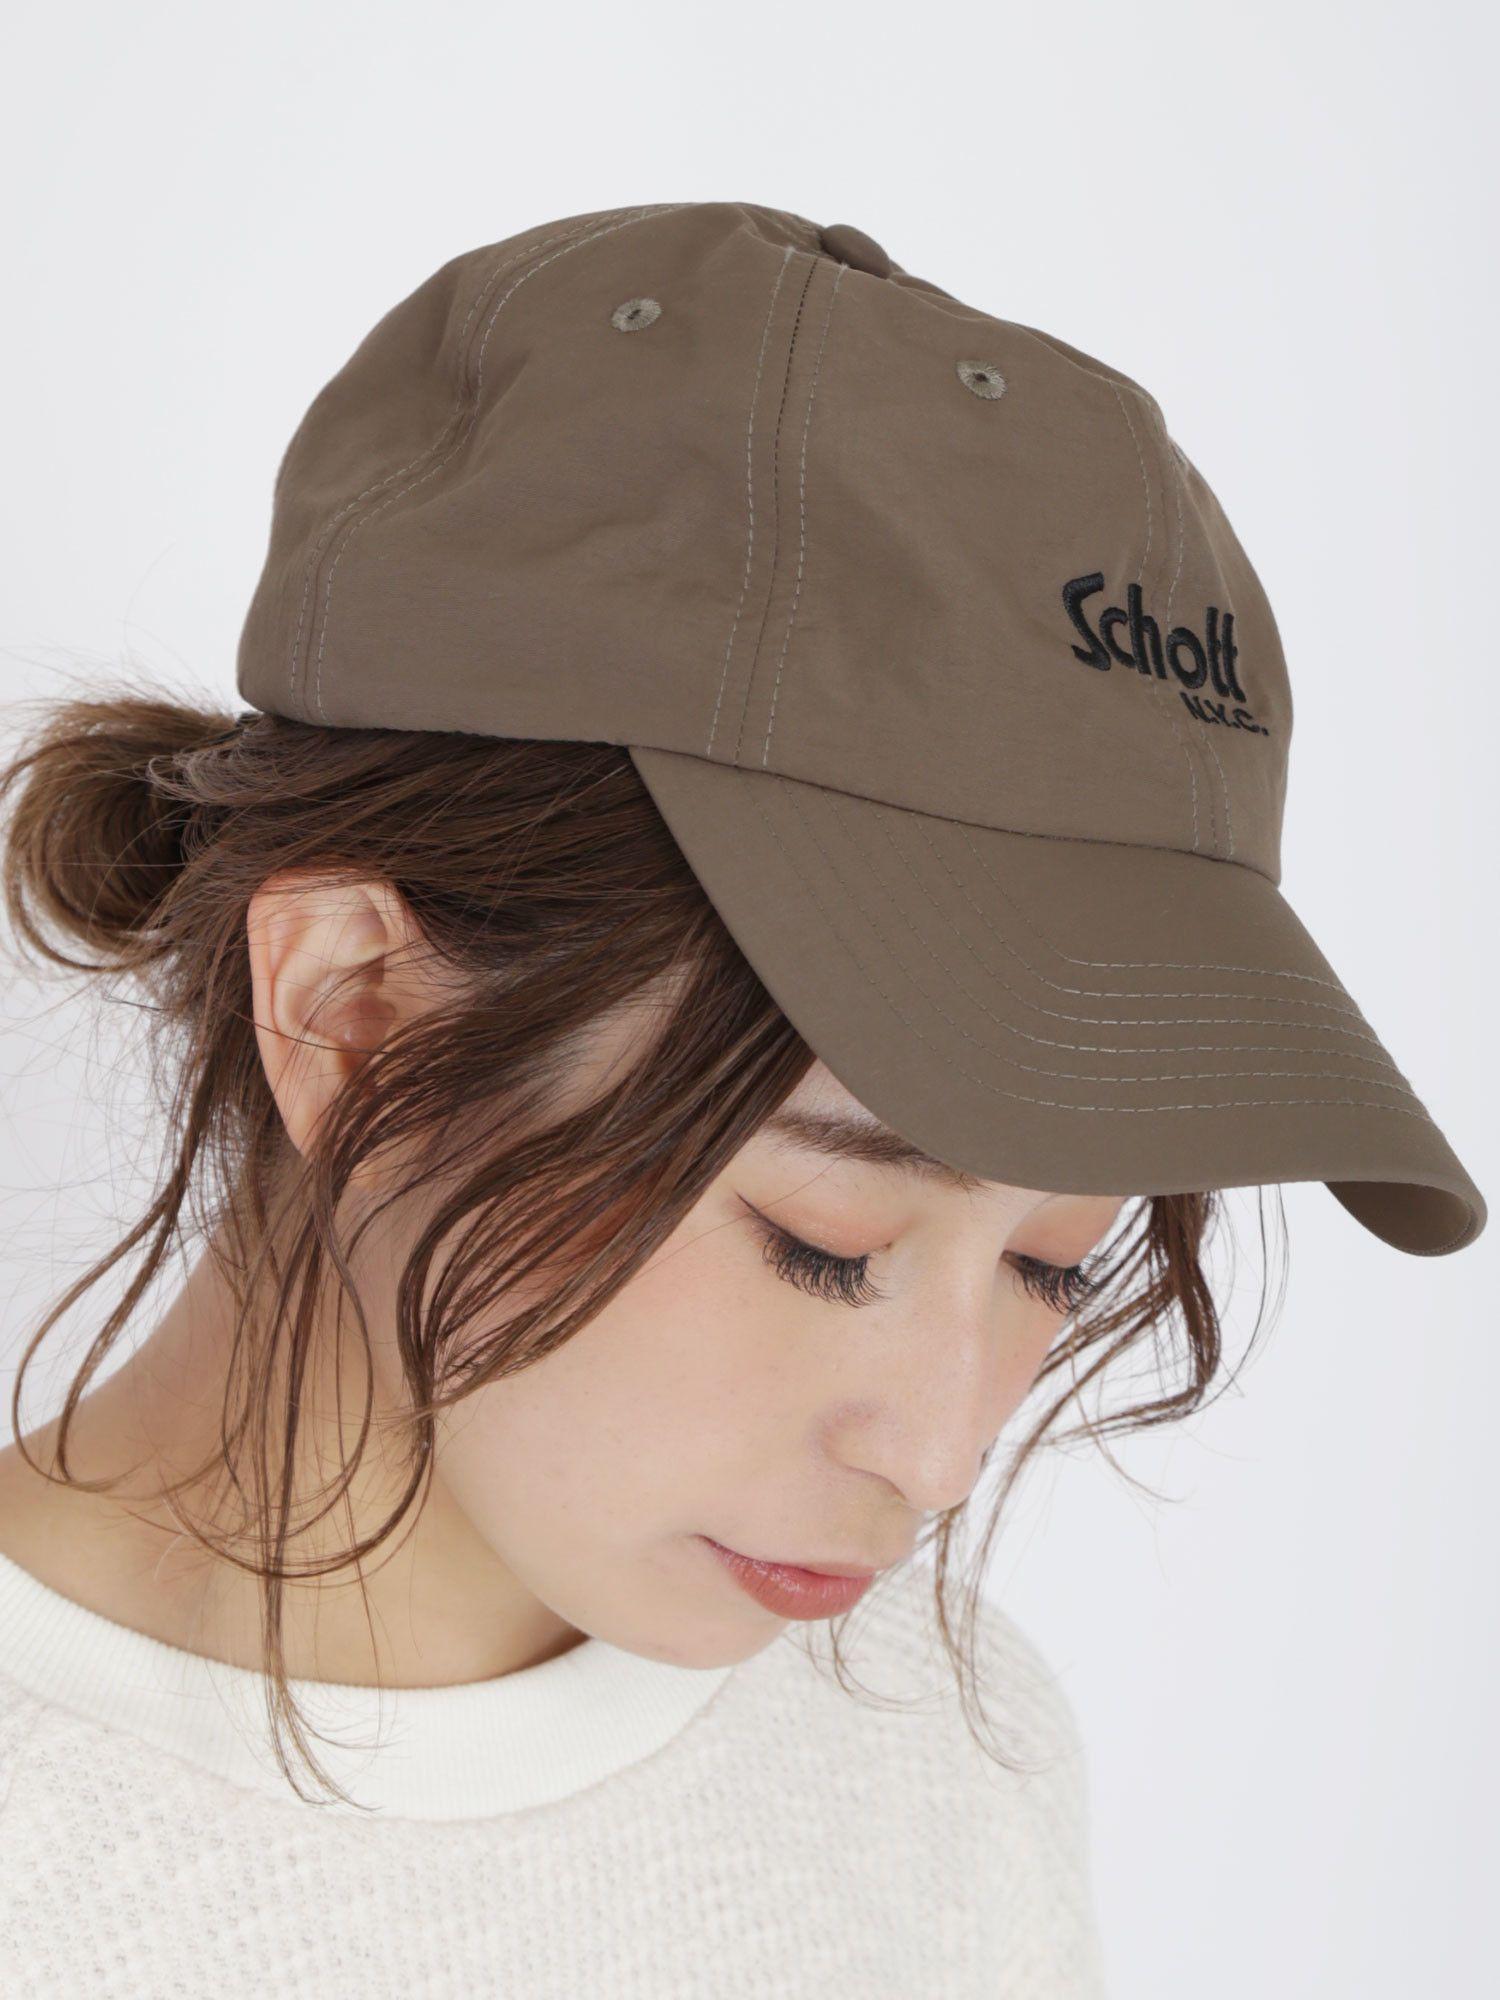 Schott bespoke cap